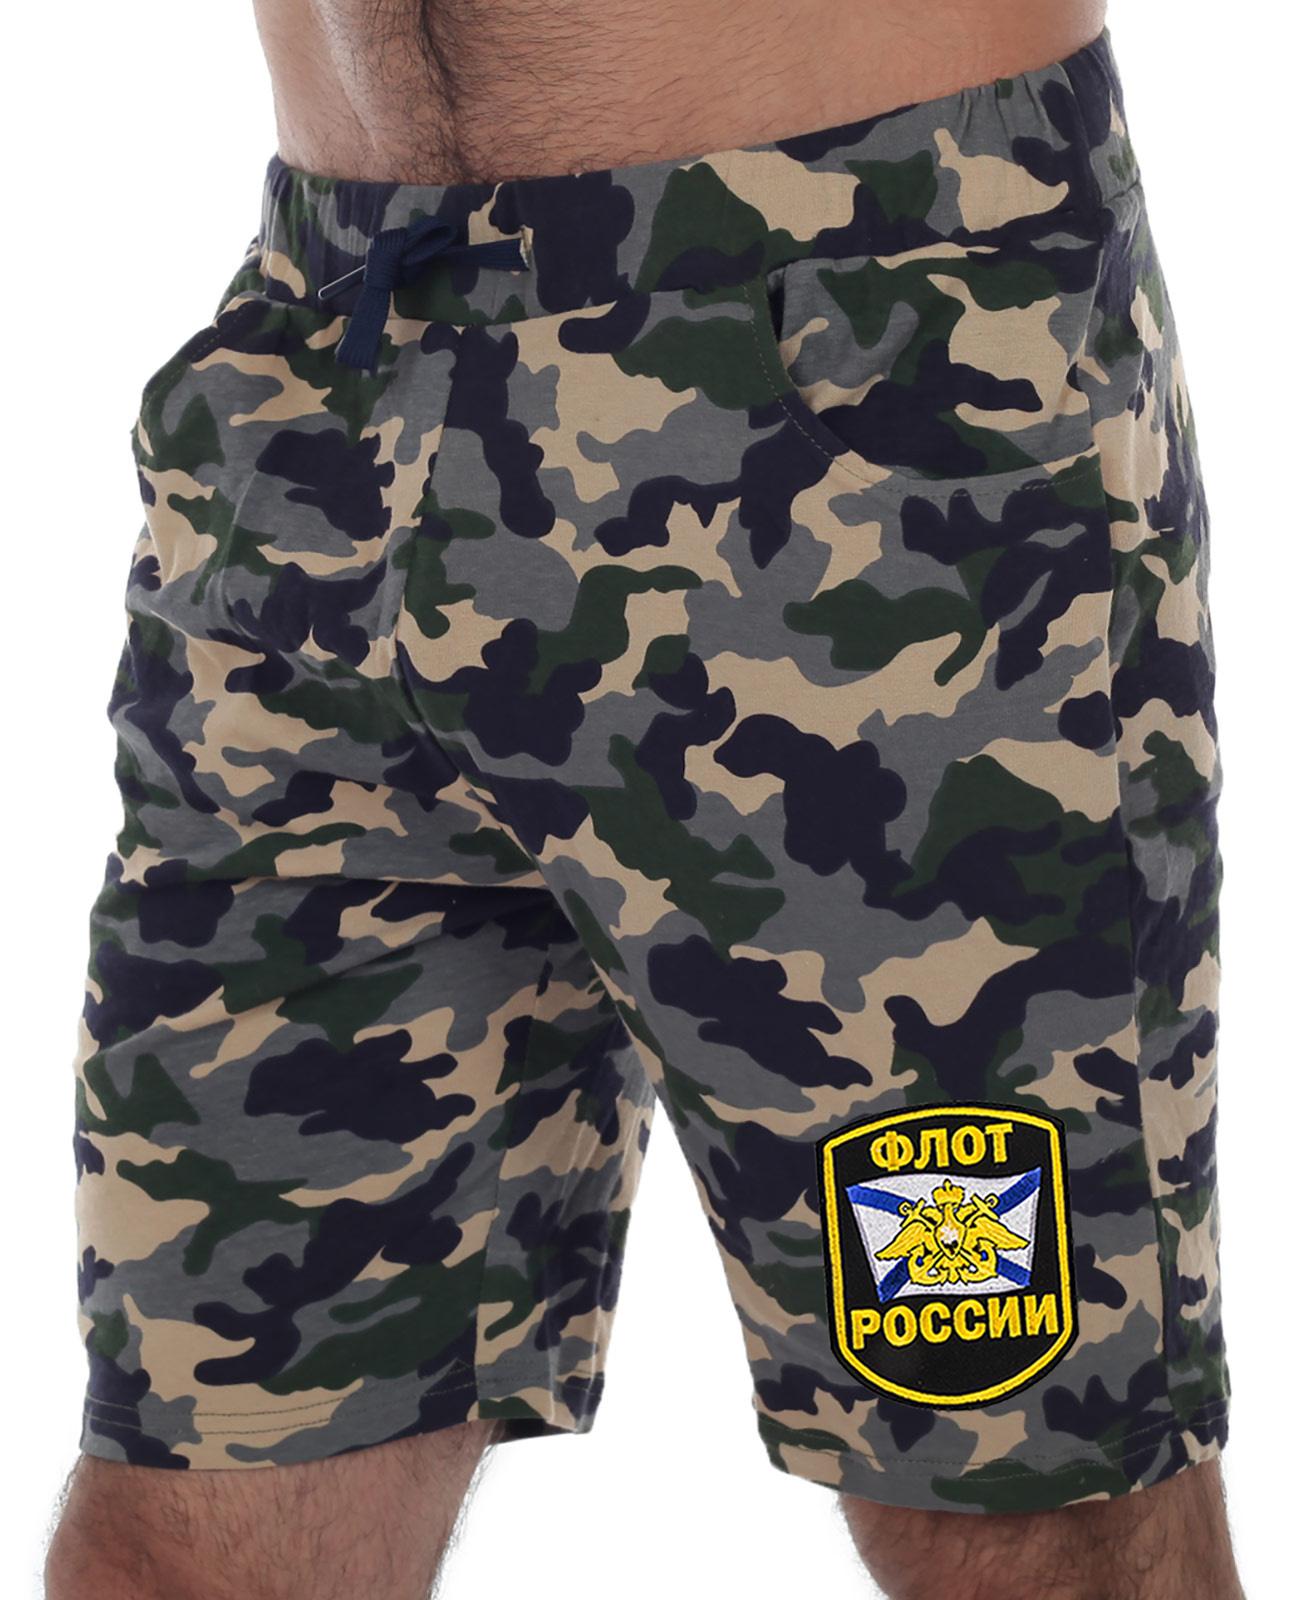 Купить удобные шорты удлиненного фасона с нашивкой Флот России оптом или в розницу